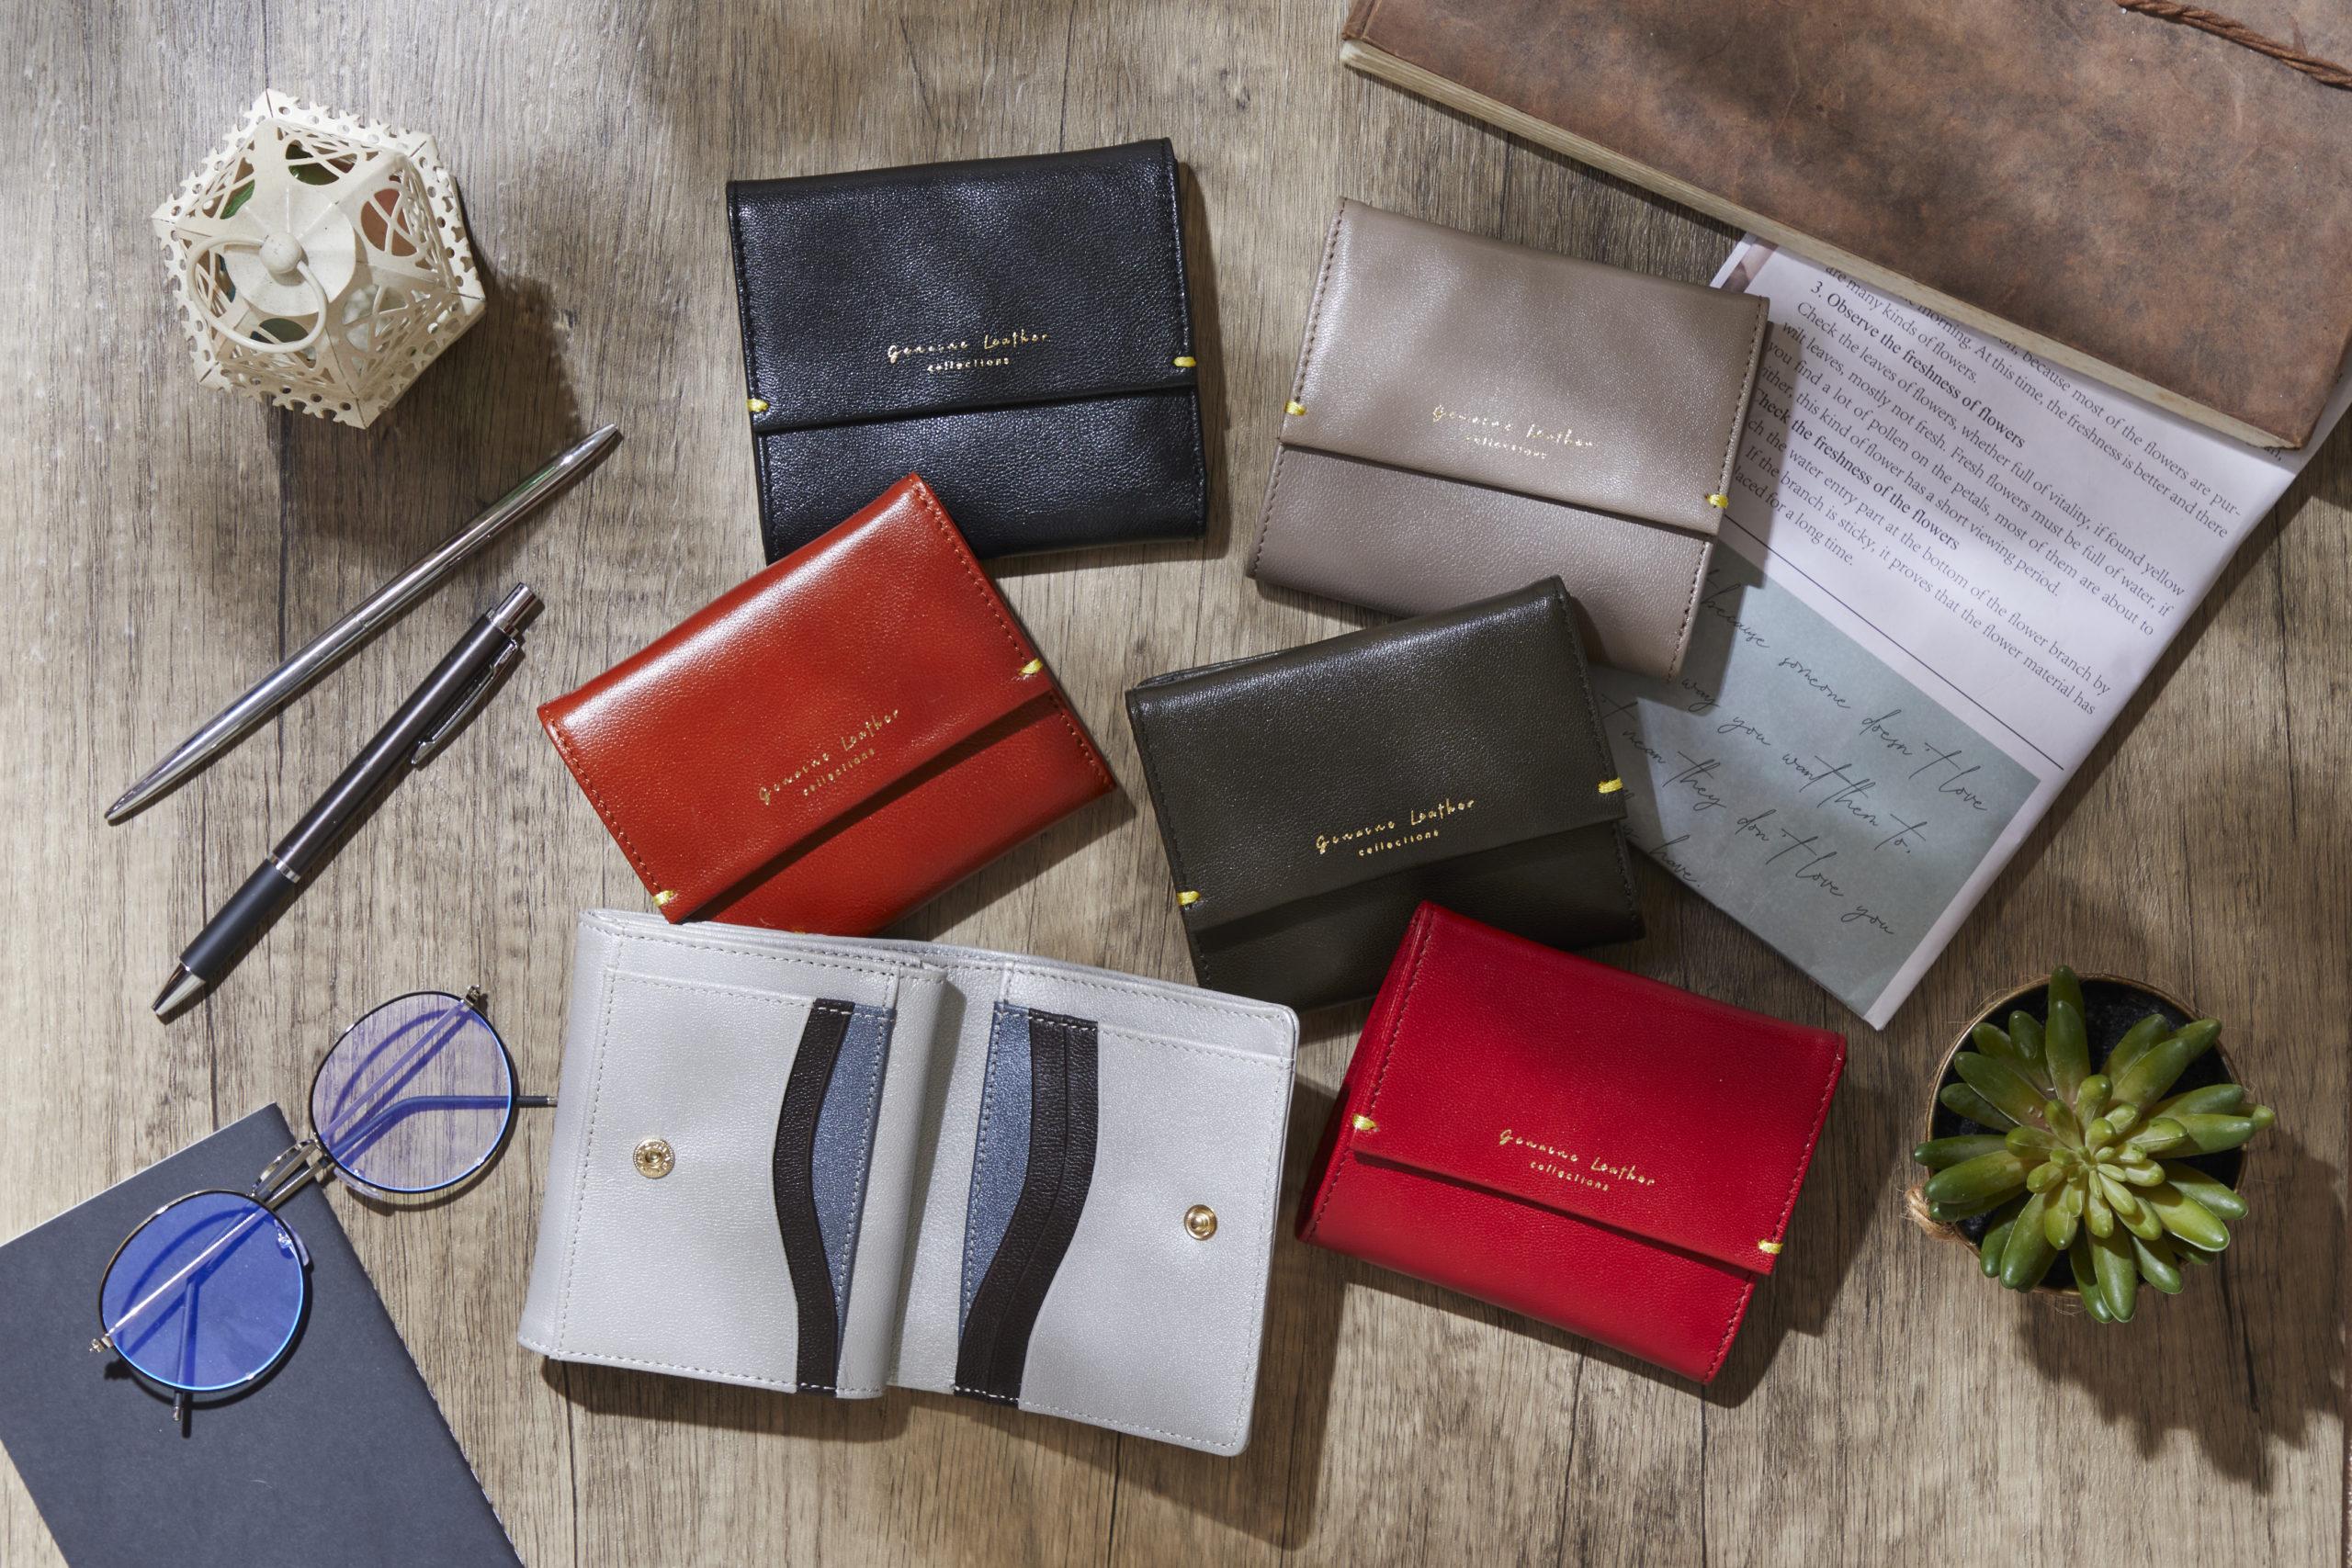 職人が作るリーズナブルで遊びこころがあるコンパクトレザー財布